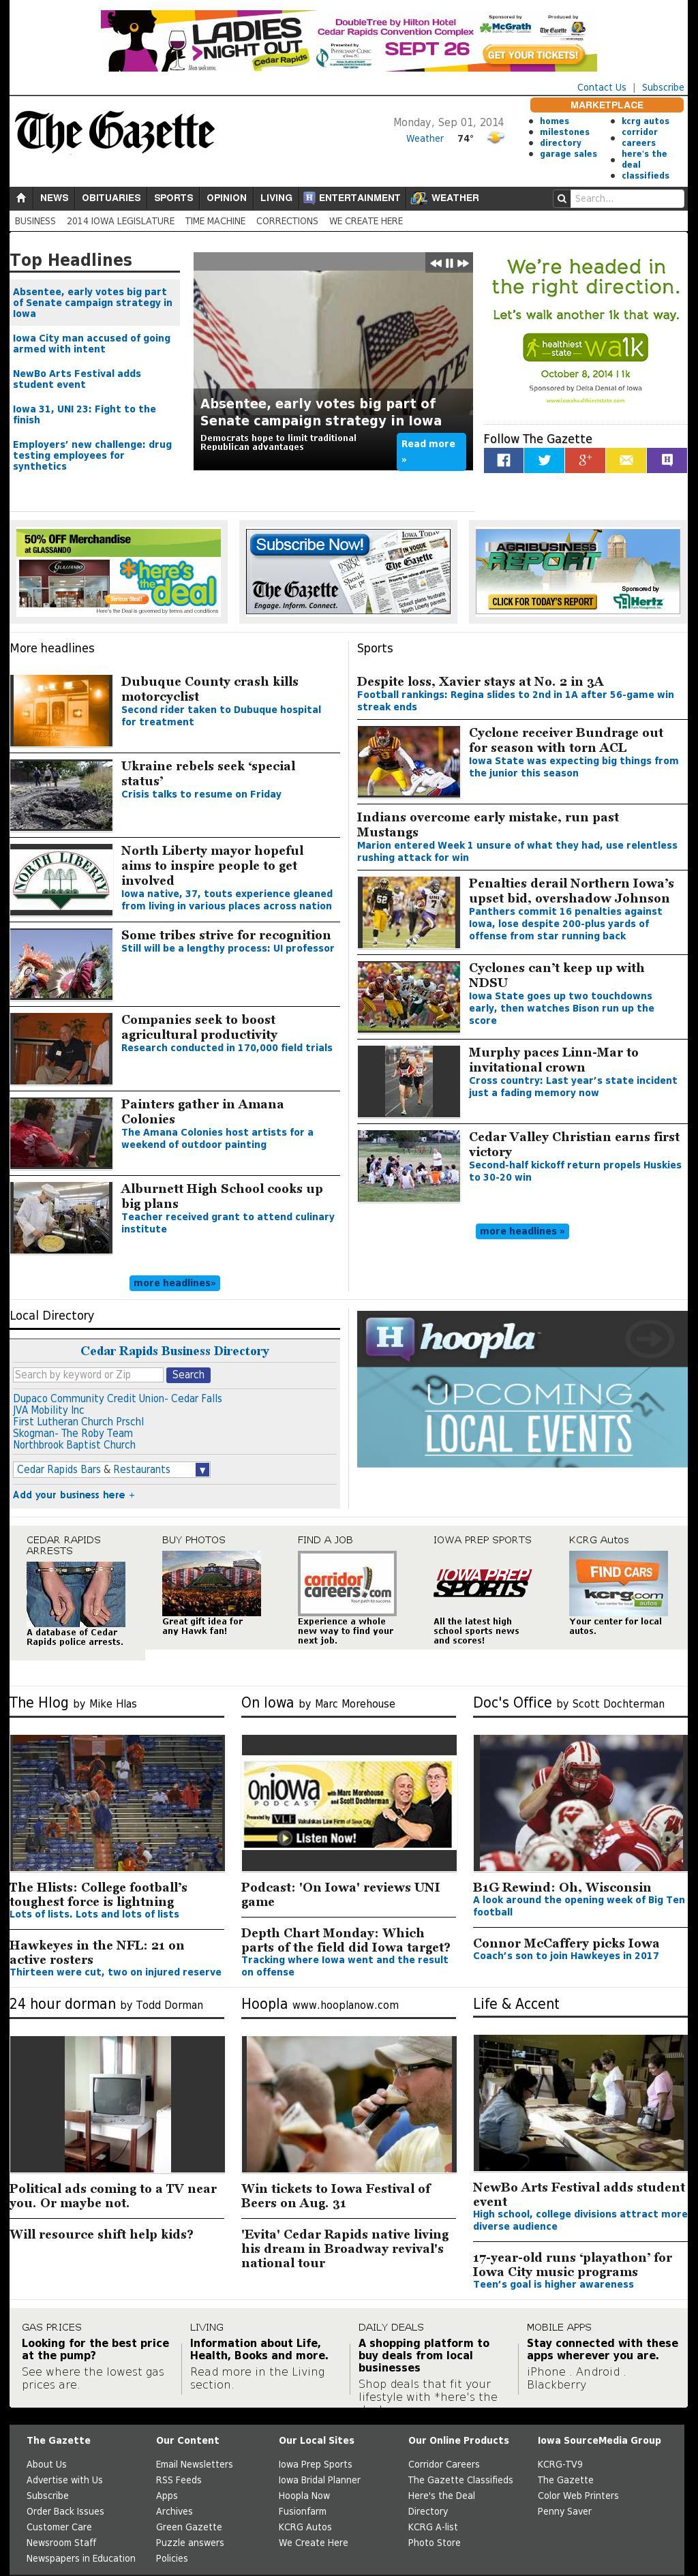 The (Cedar Rapids) Gazette at Tuesday Sept. 2, 2014, 1:07 a.m. UTC